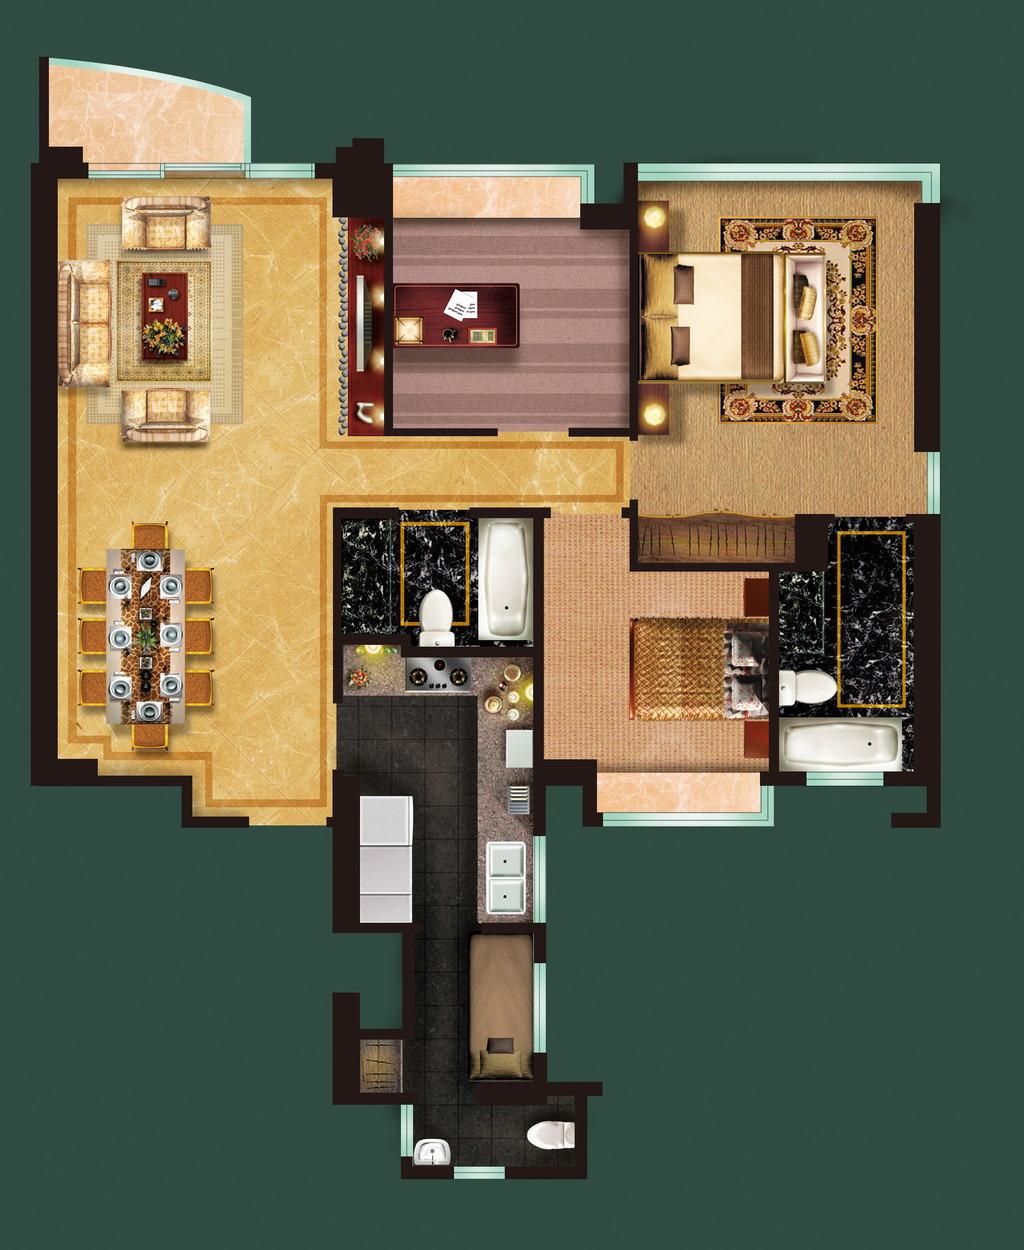 主卧 客厅平面效果图 室内平面效果图 户型 psd户型图 家装平面效果图